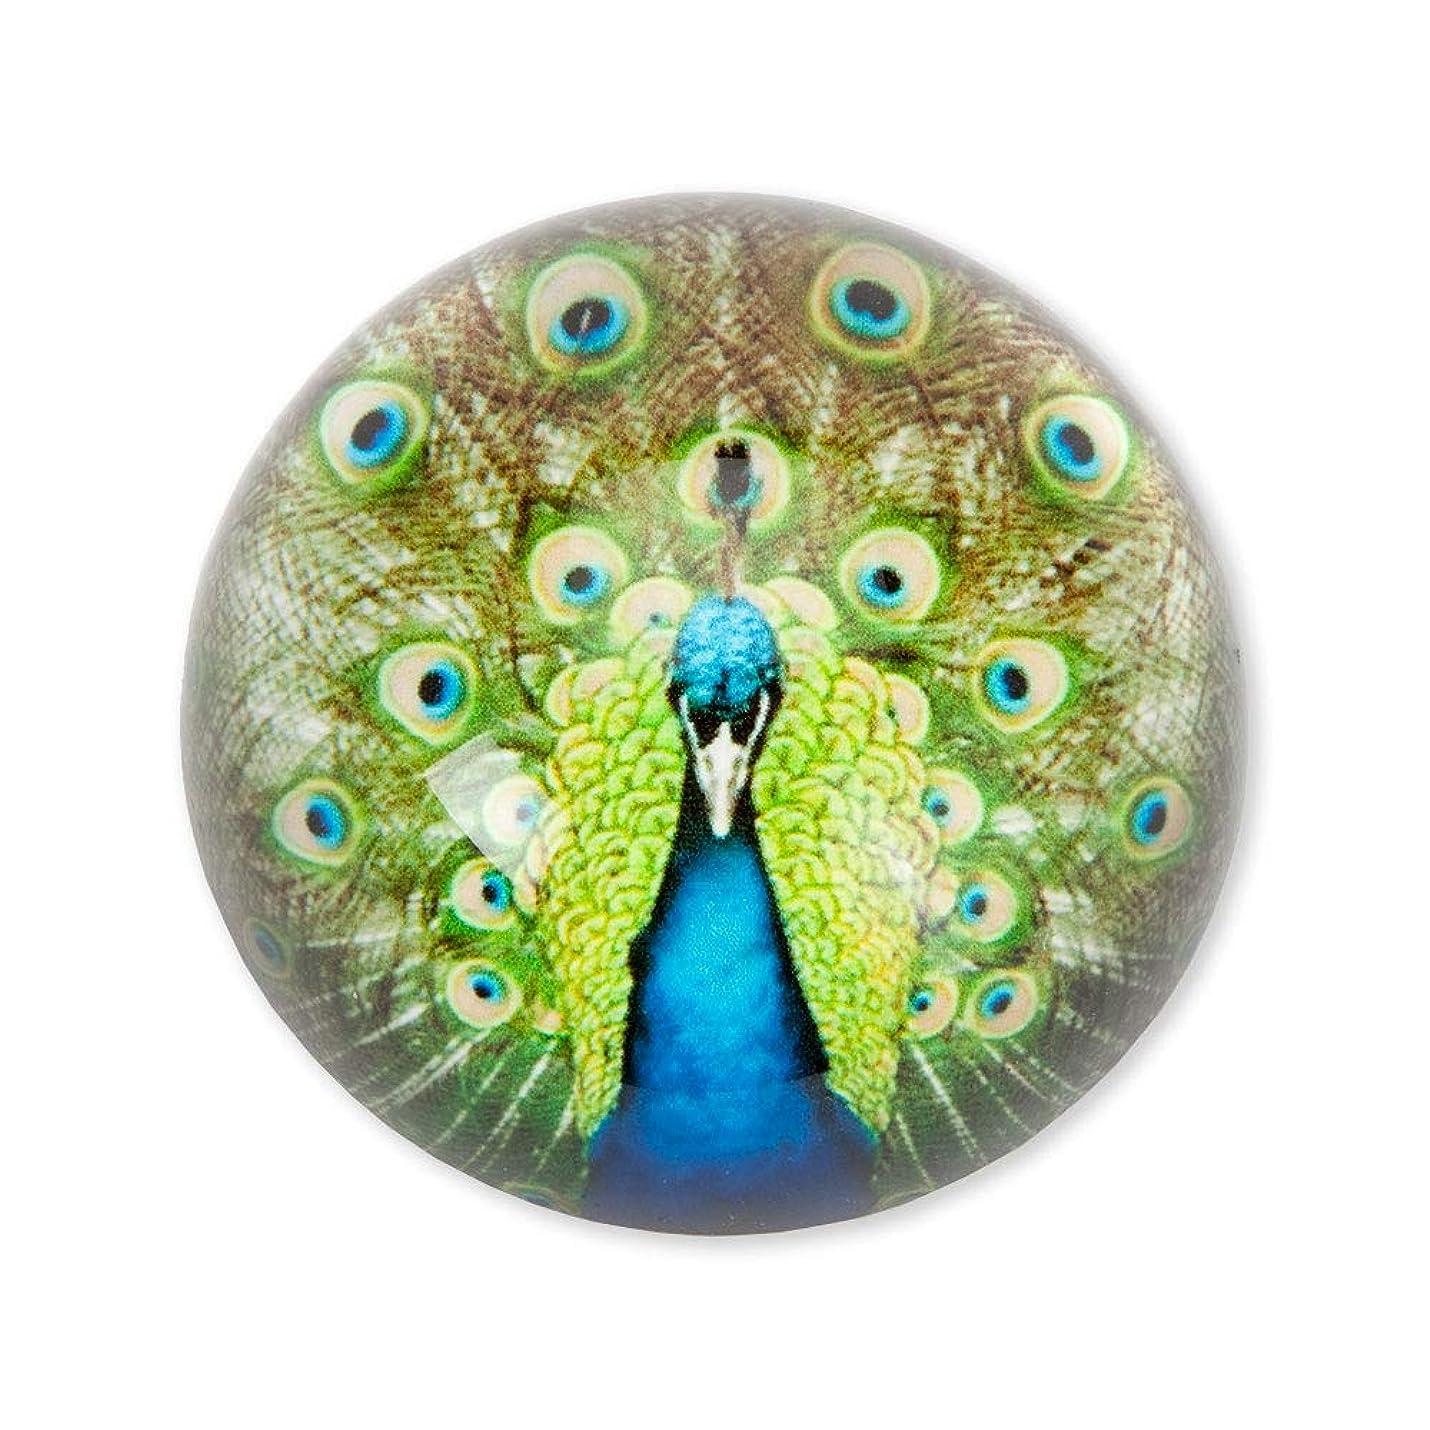 早熟流行しているパートナーBits and Pieces - クジャクガラスペーパーウェイト - 重みのあるアートガラスペーパーウェイト - ホームオフィスデスクアクセサリー